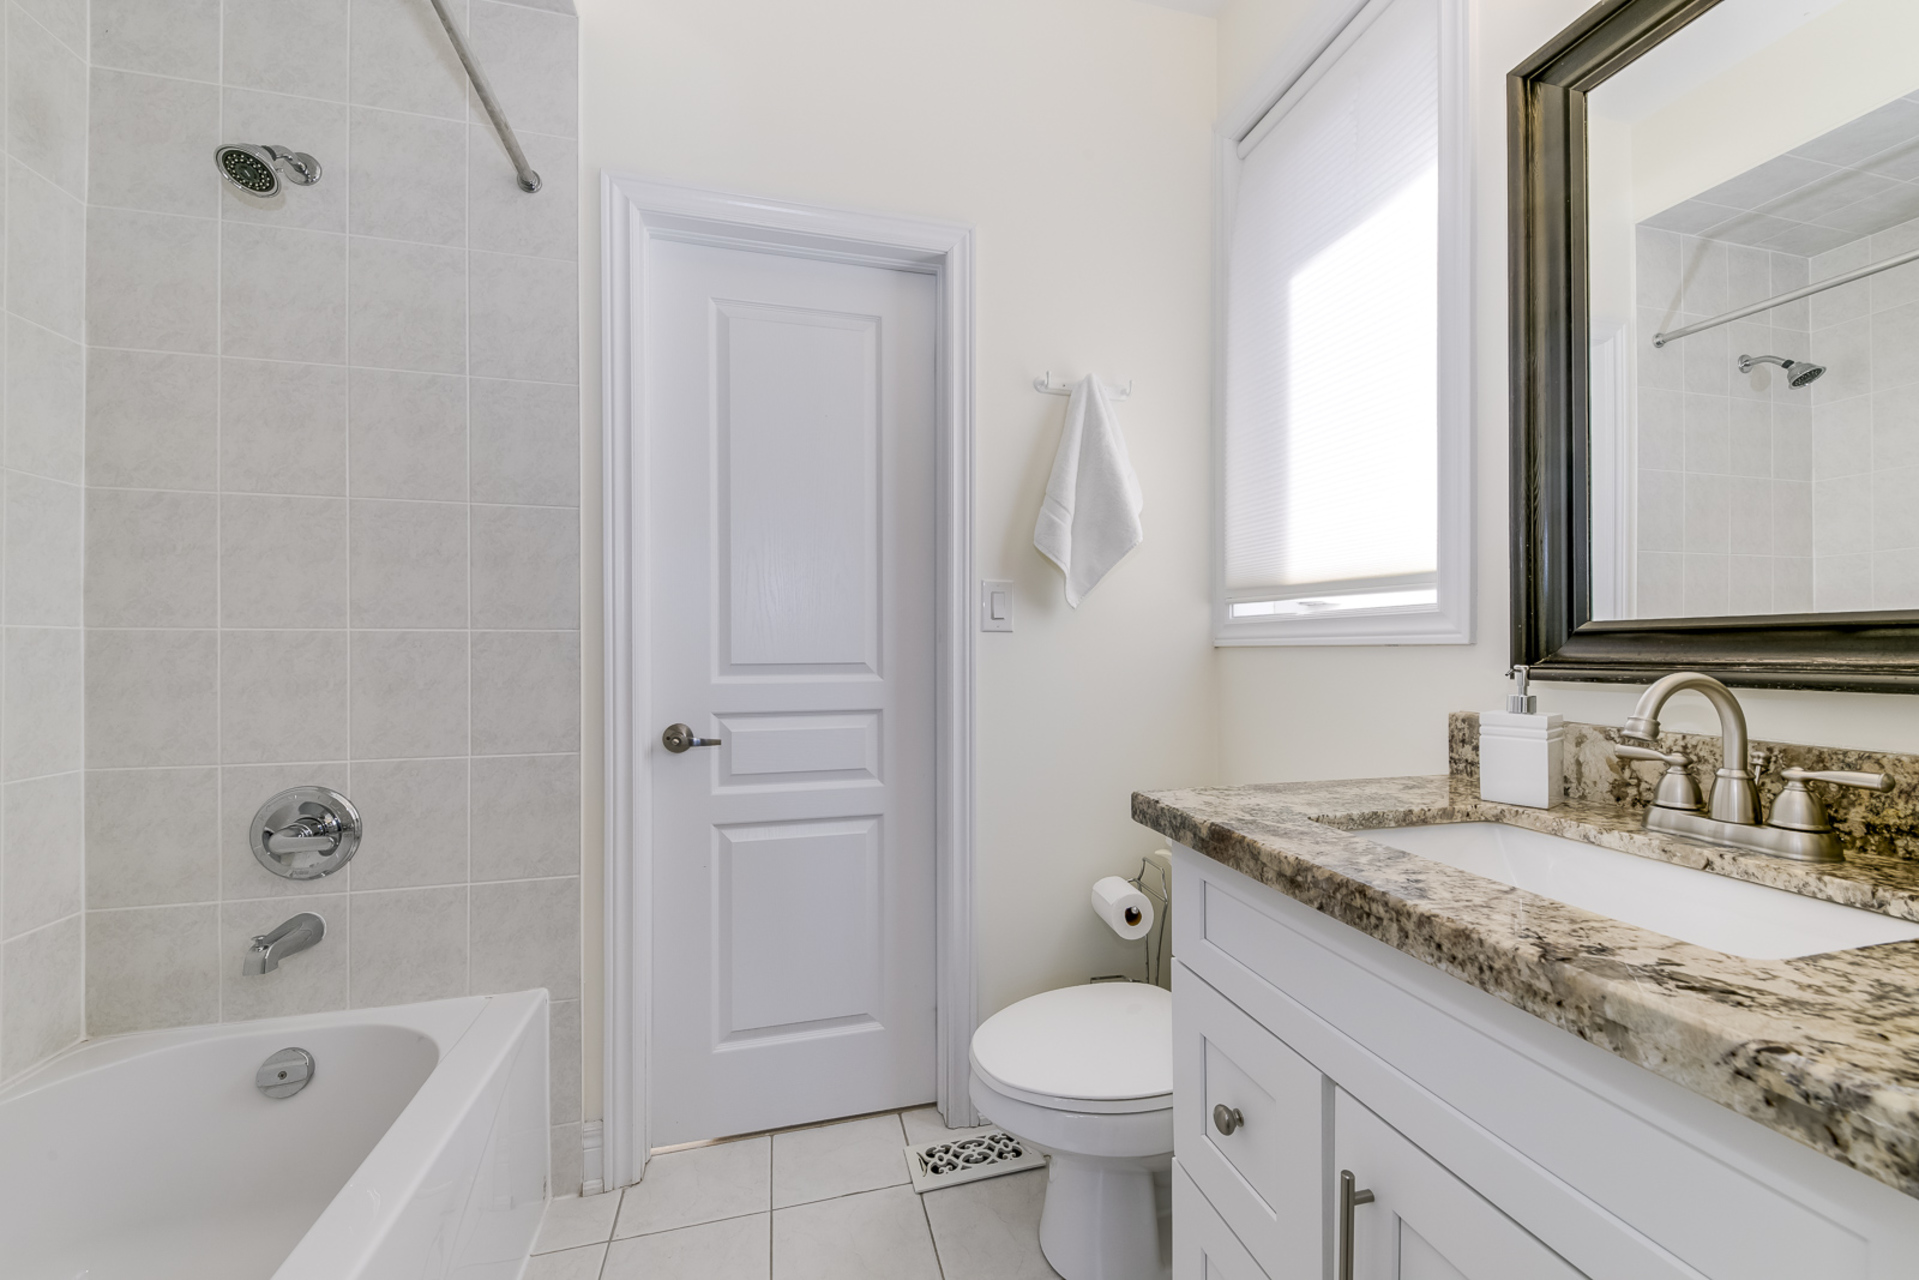 Jack & Jill Bathroom - 1276 Kestell Blvd, Oakville - Elite3 & Team at 1276 Kestell Boulevard, Iroquois Ridge North, Oakville